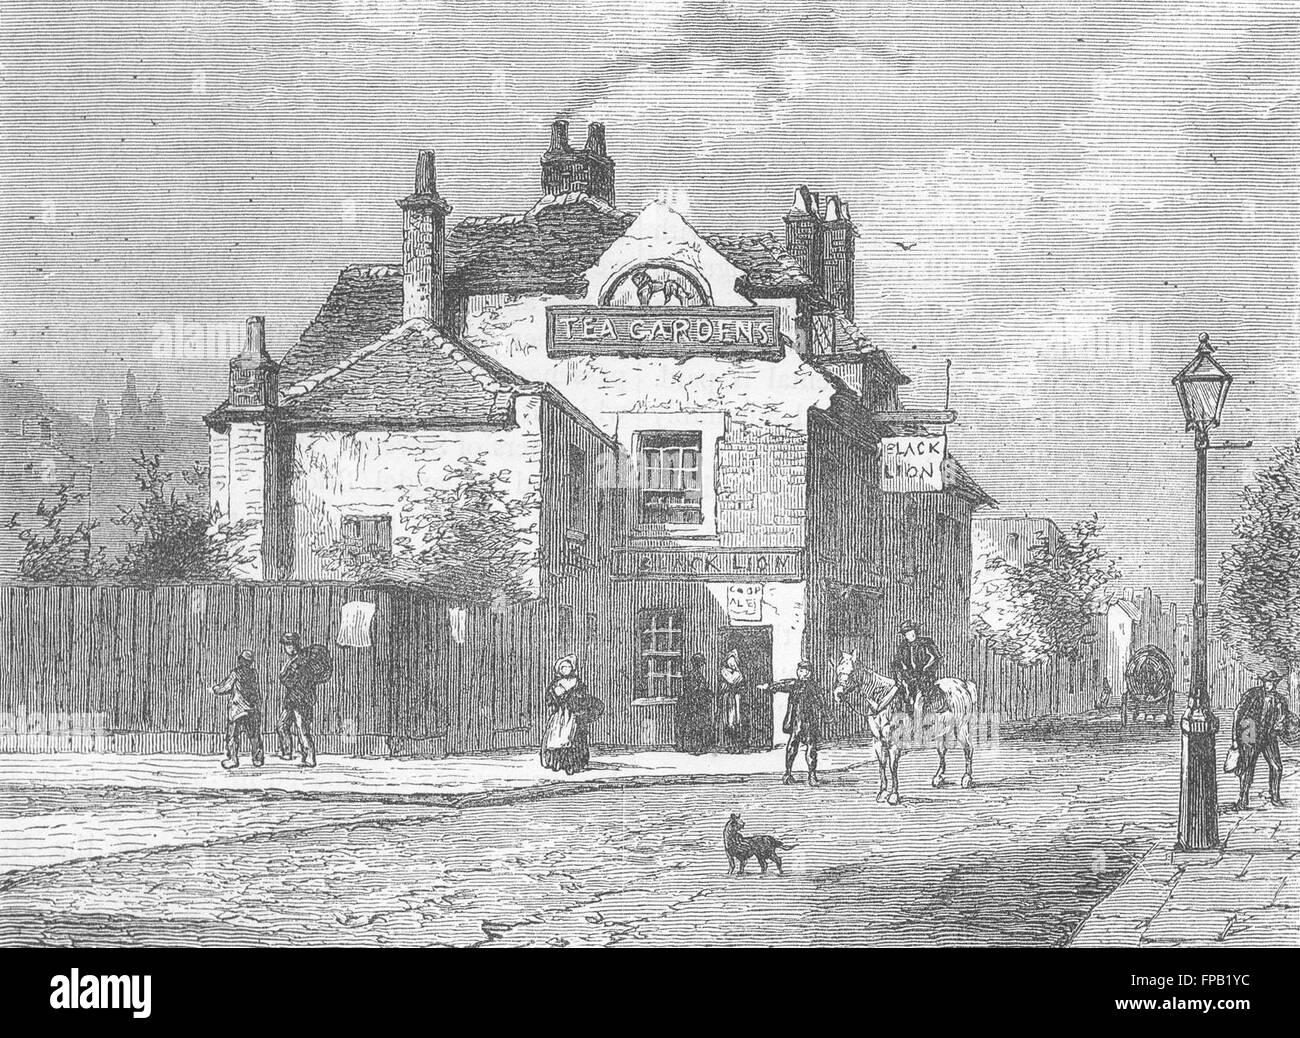 LONDON: Chelsea: Black Lion pub, Church St, in 1820, antique print 1880 - Stock Image